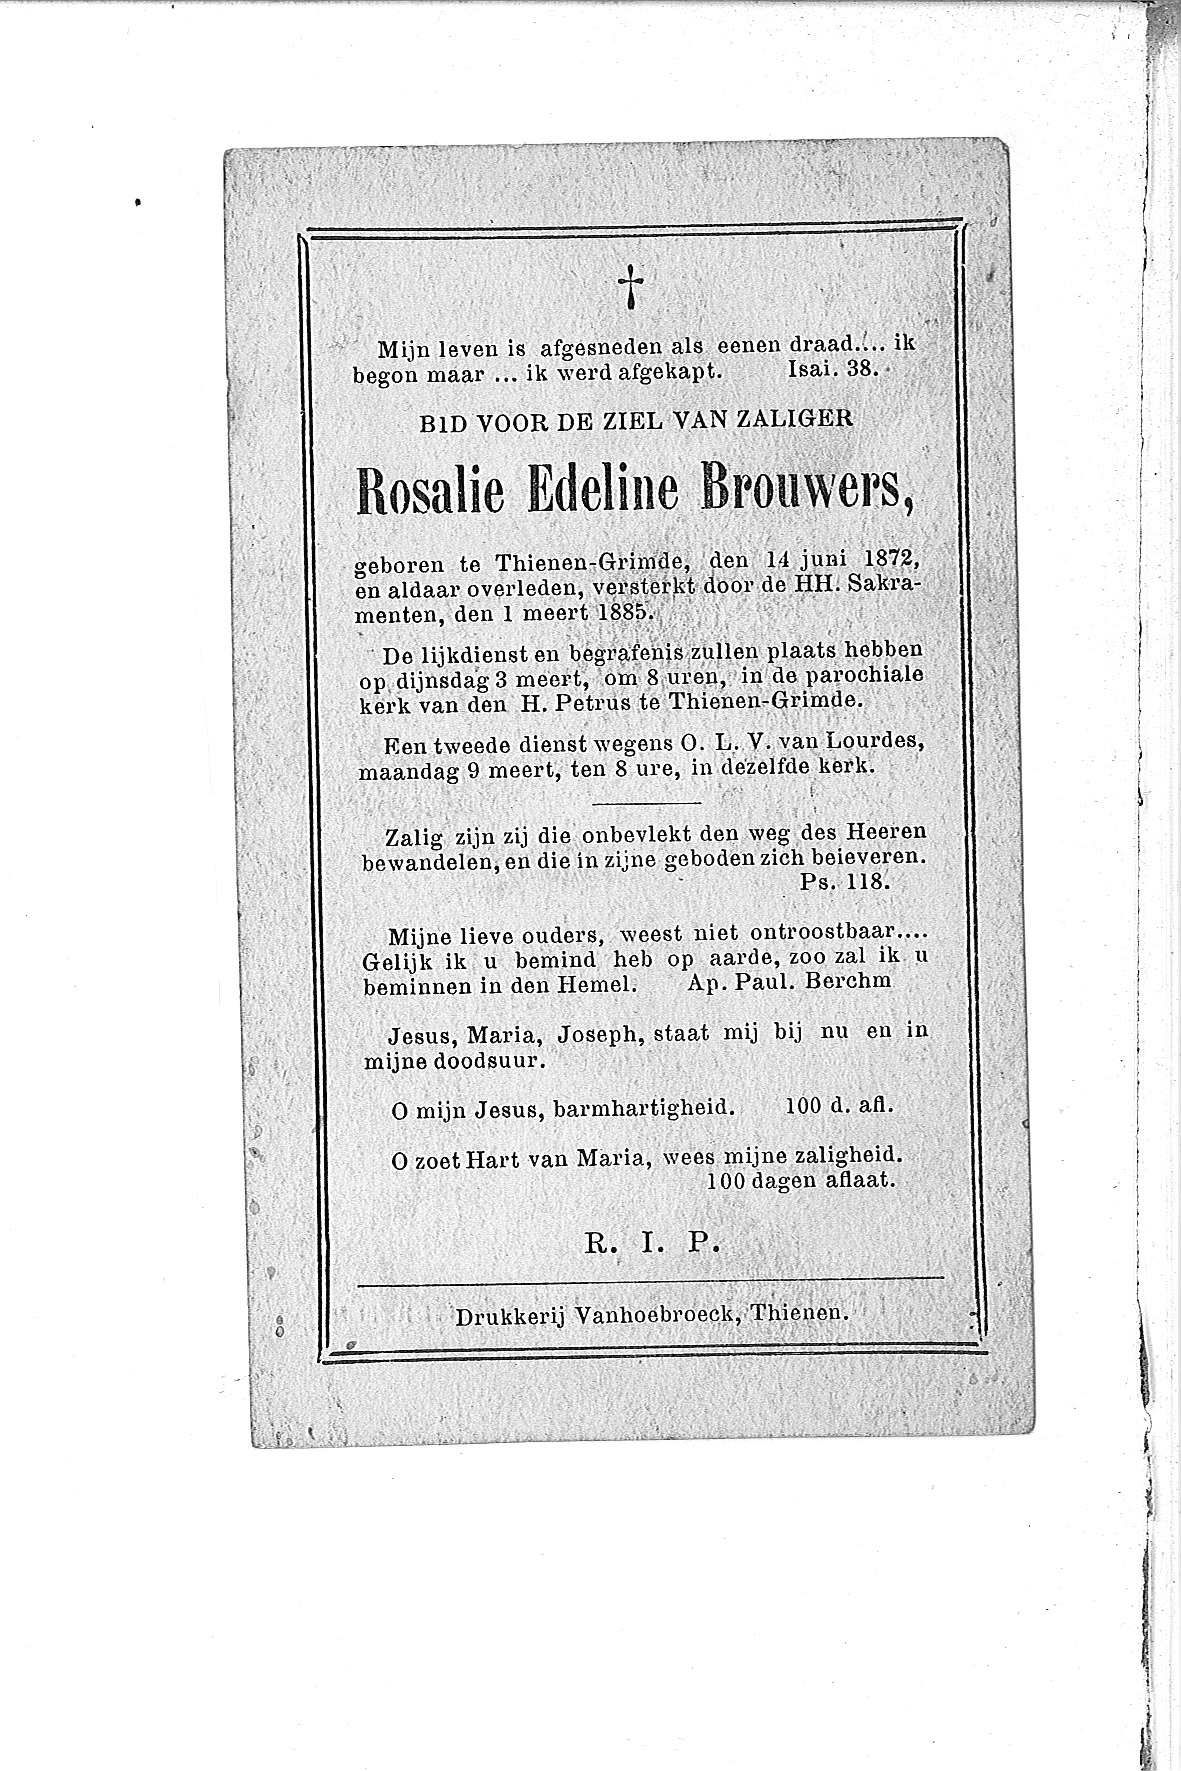 Rosalie Edeline (1885) 20110805165022_00110.jpg